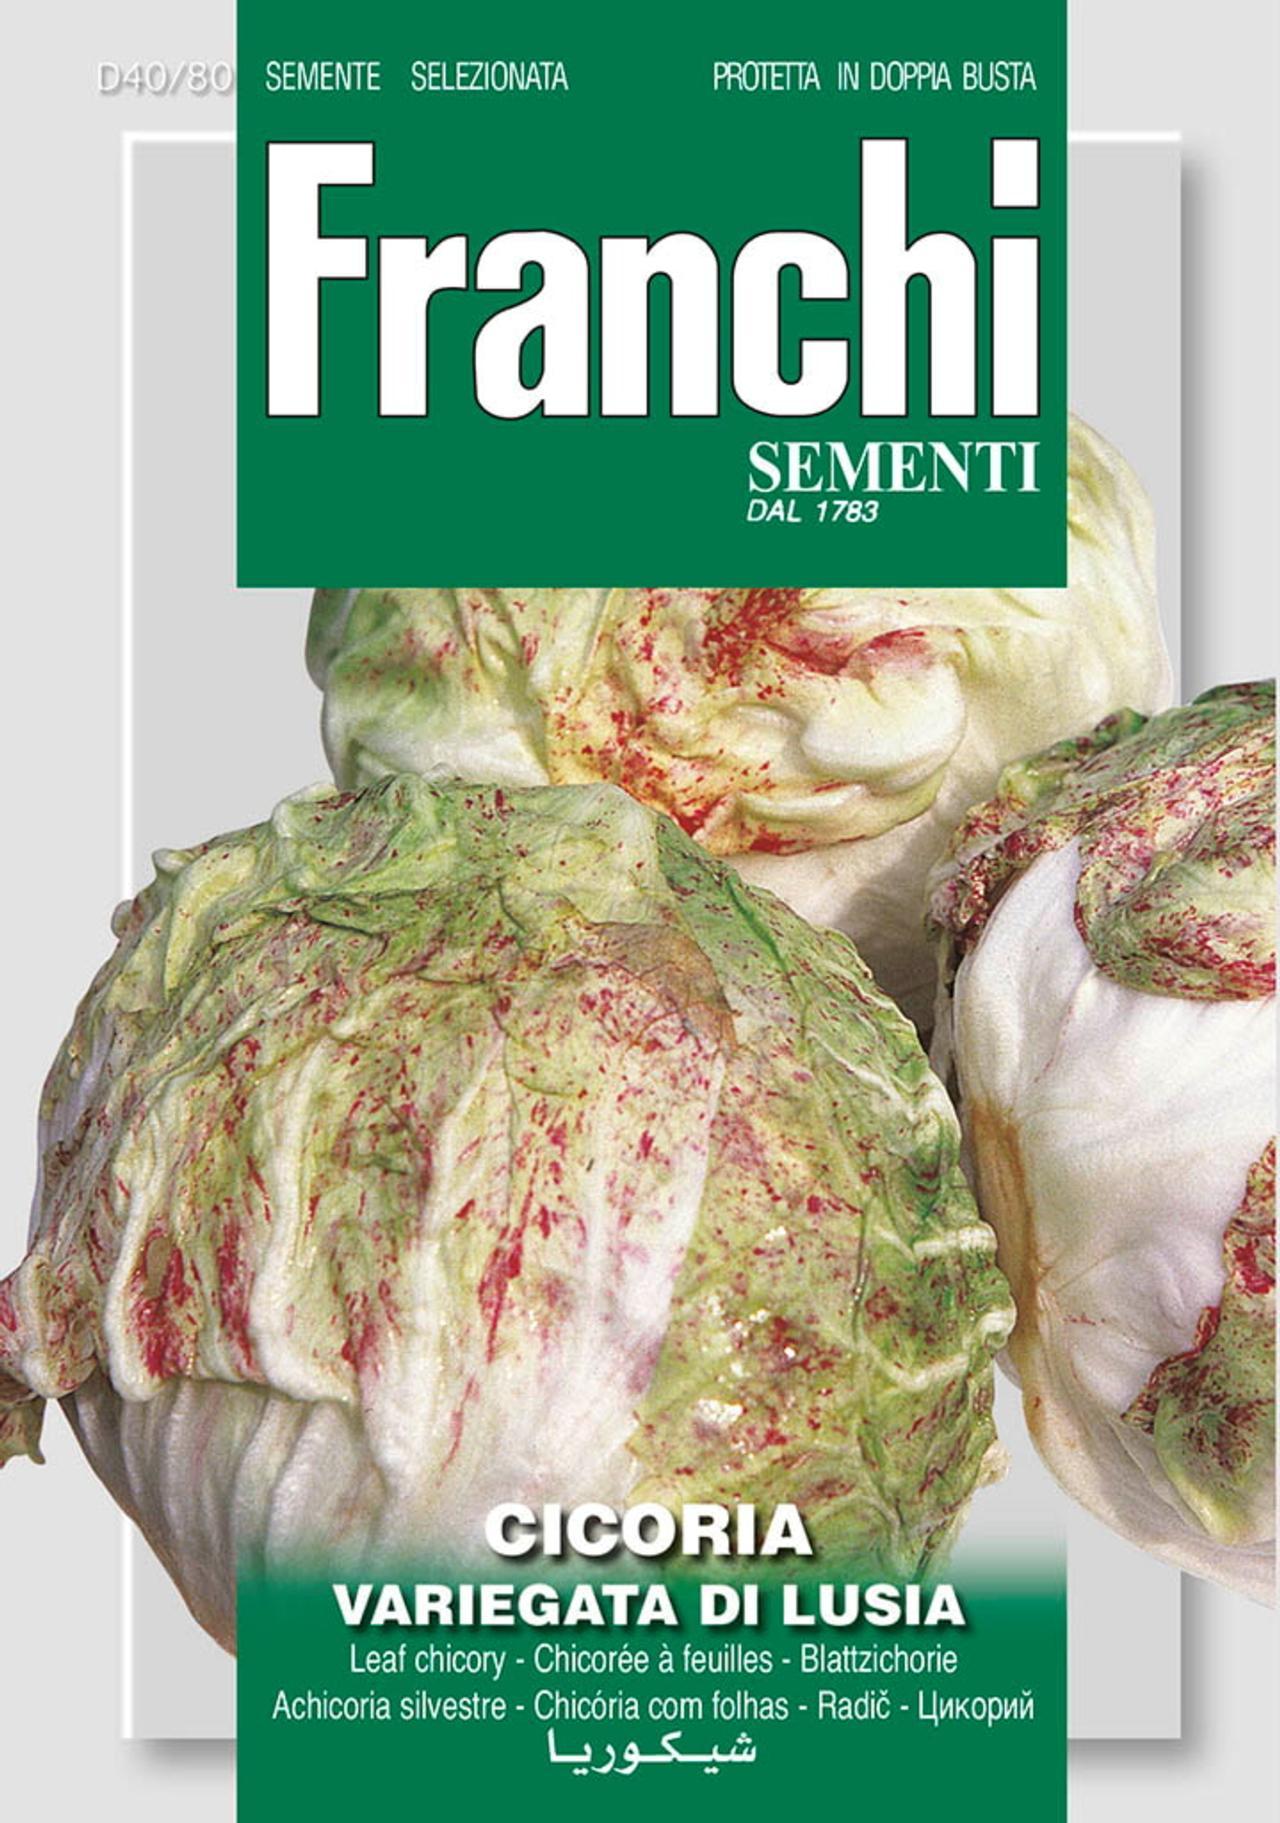 Cichorium intybus 'Di Lusia' plant